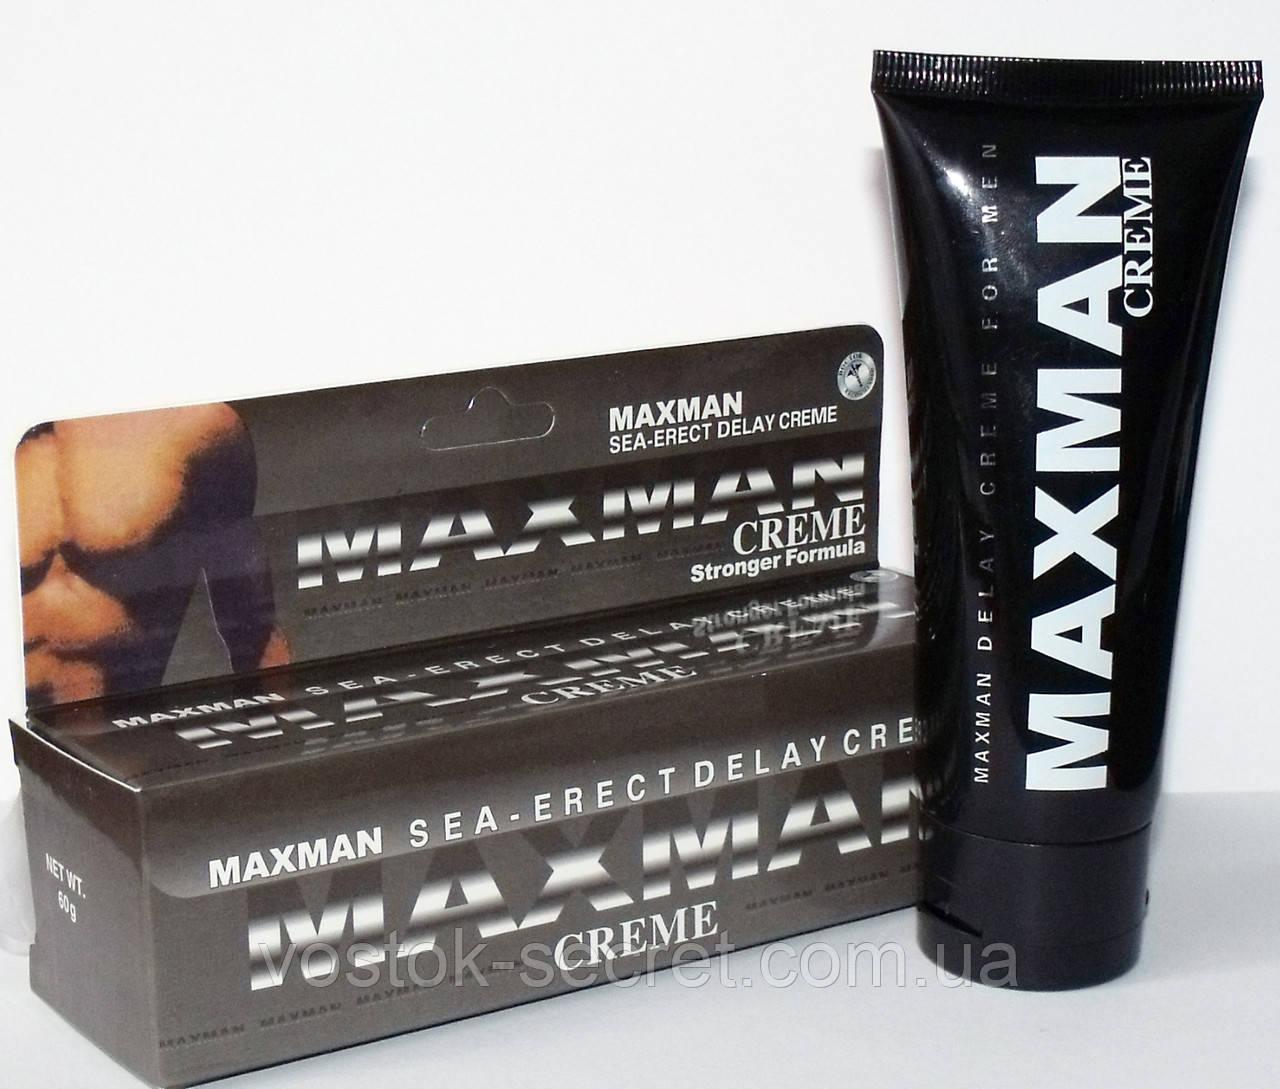 MaxMan Creme крем для продления полового акта, 60мг.